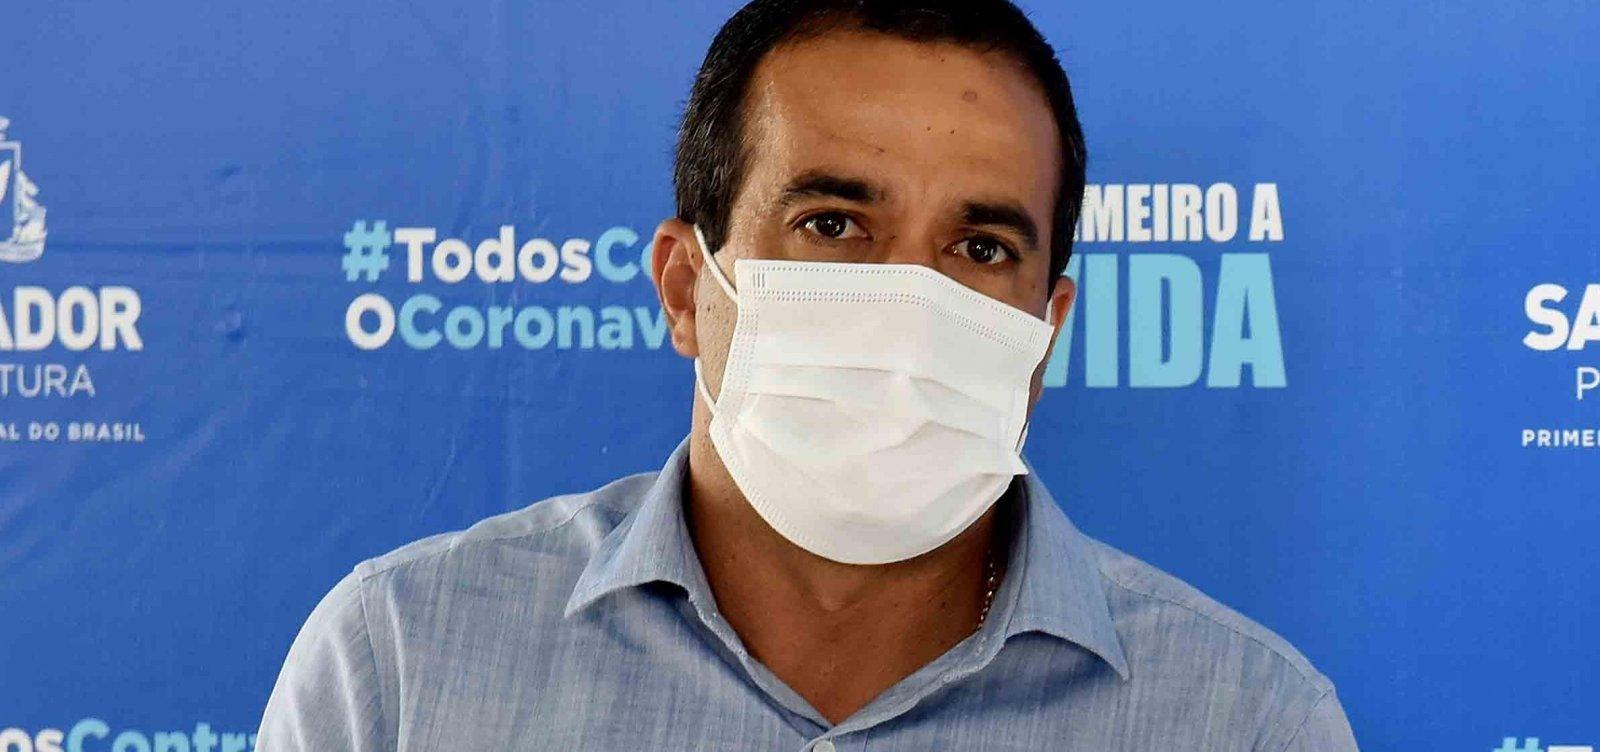 Prefeitura de Salvador desativa totalmente fase 3 de retomada da economia